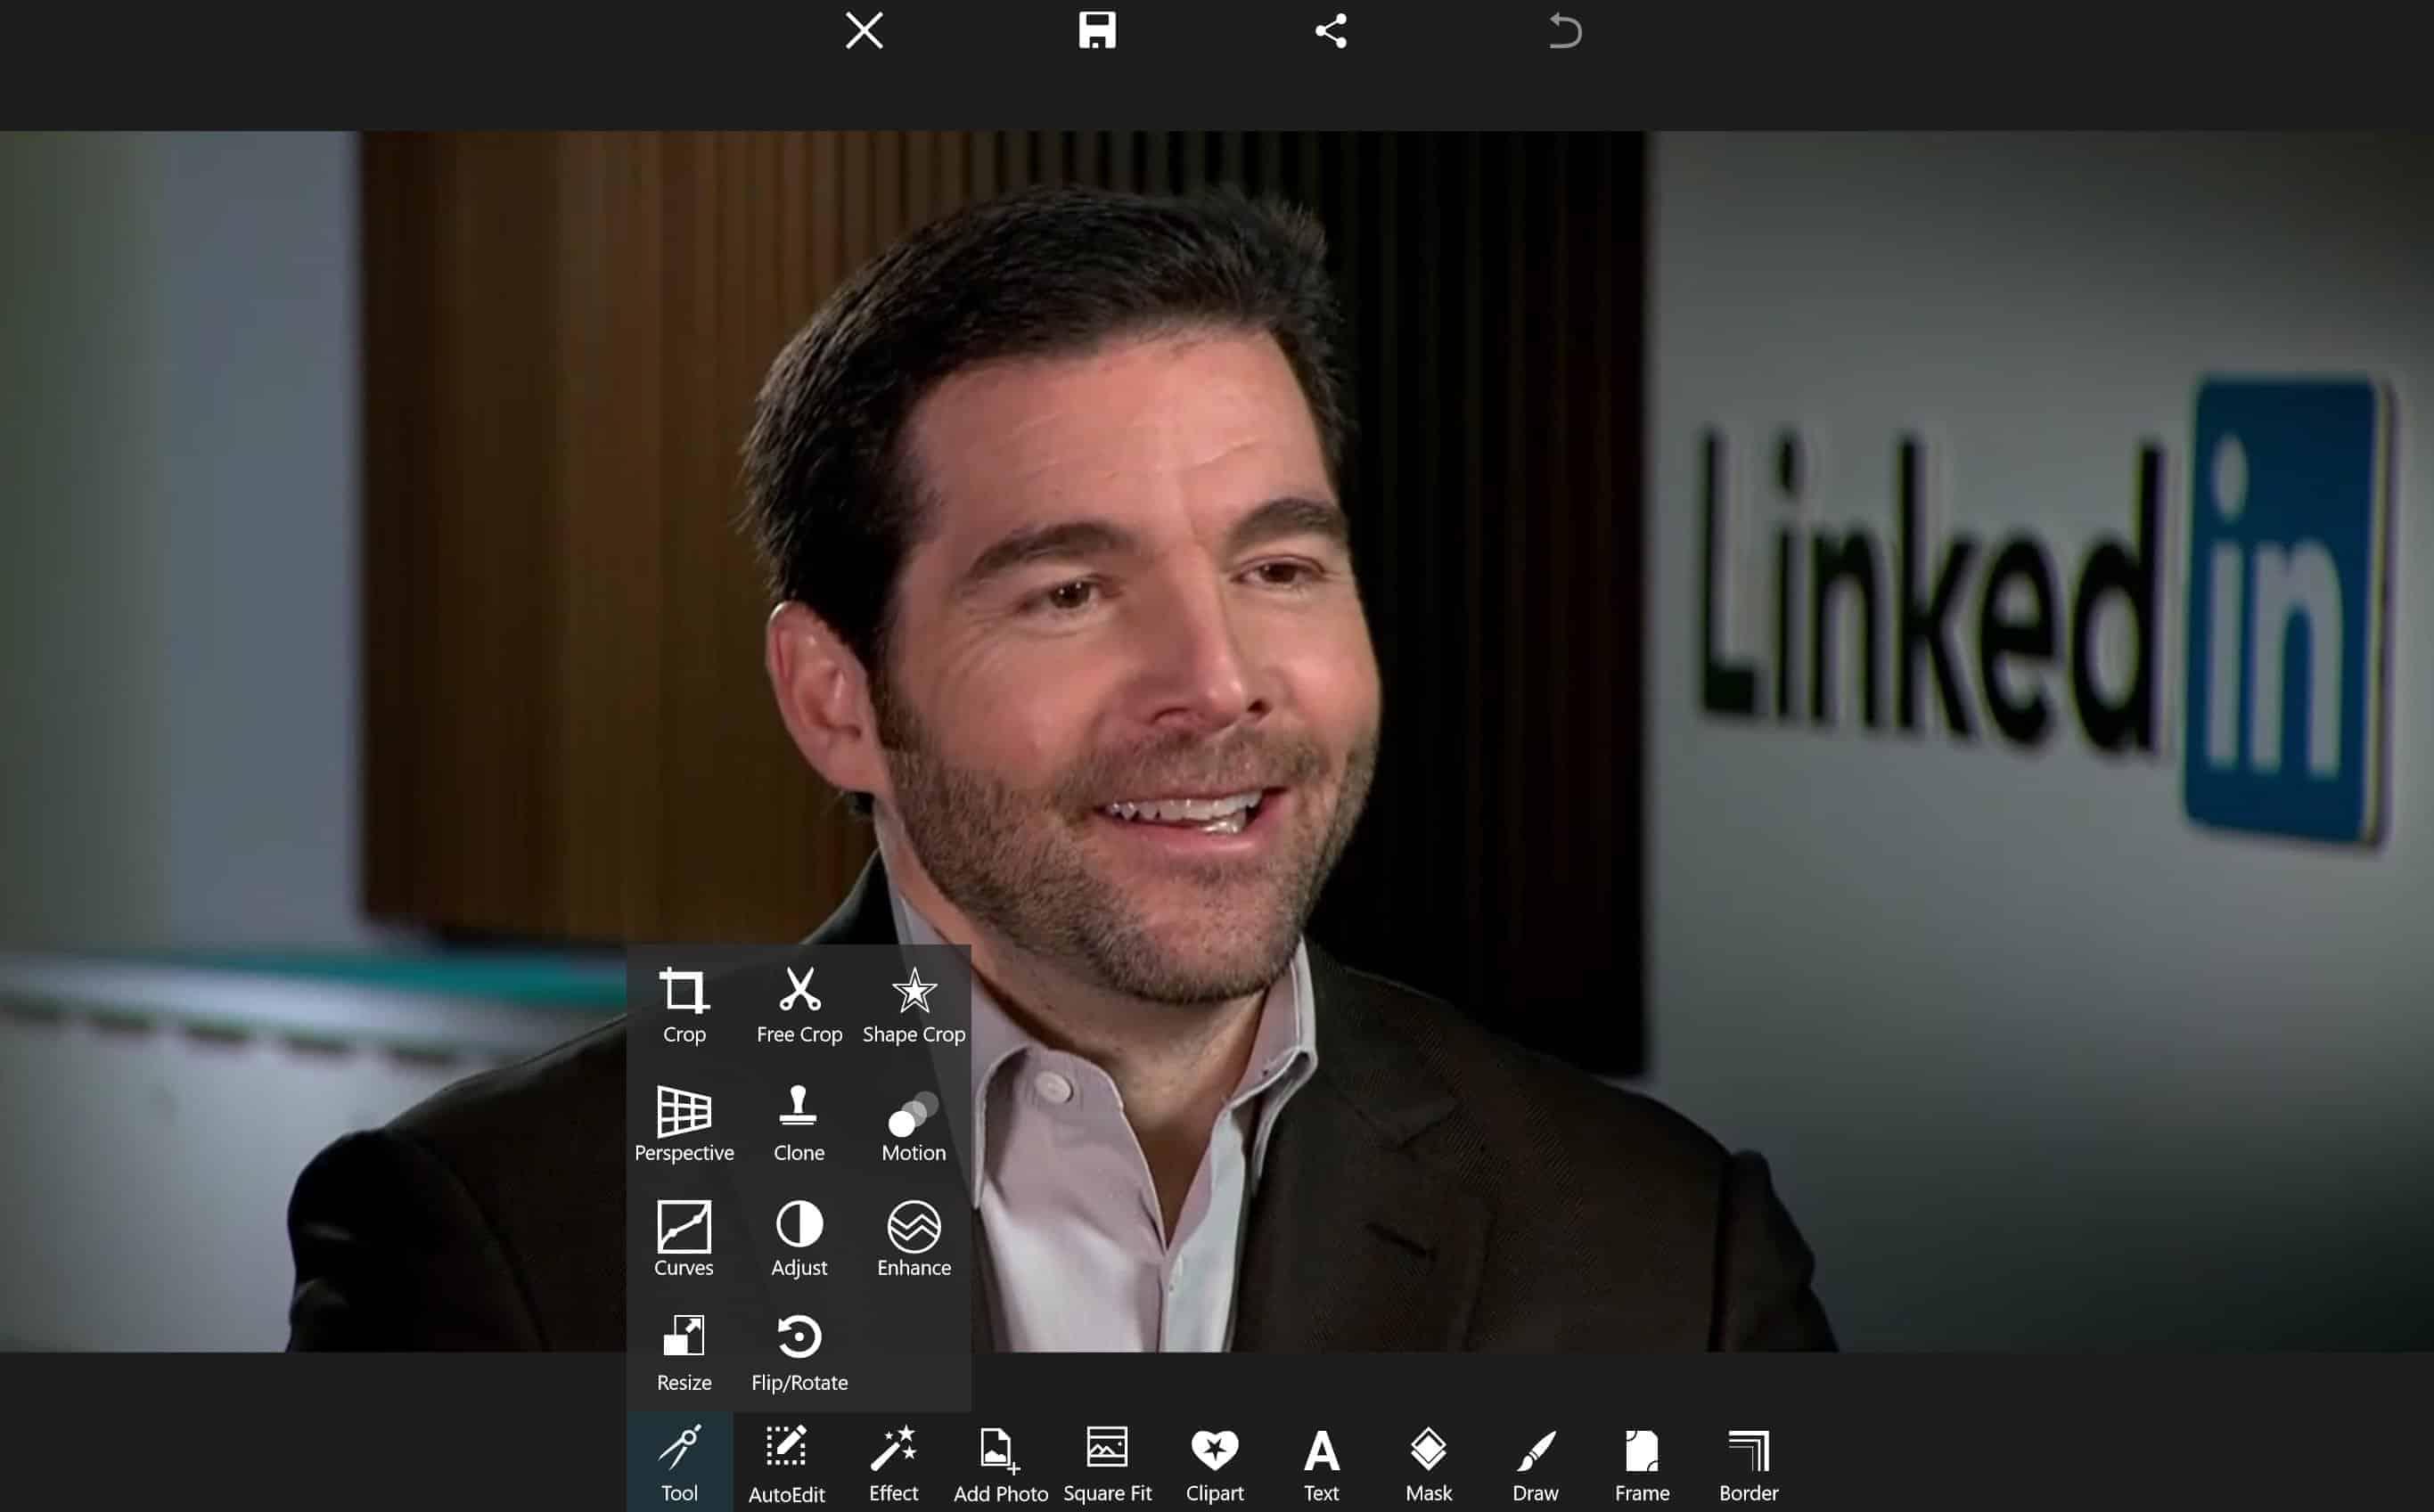 Οι καλύτερες δωρεάν εφαρμογές για επεξεργασία φωτογραφιών στα Windows 10